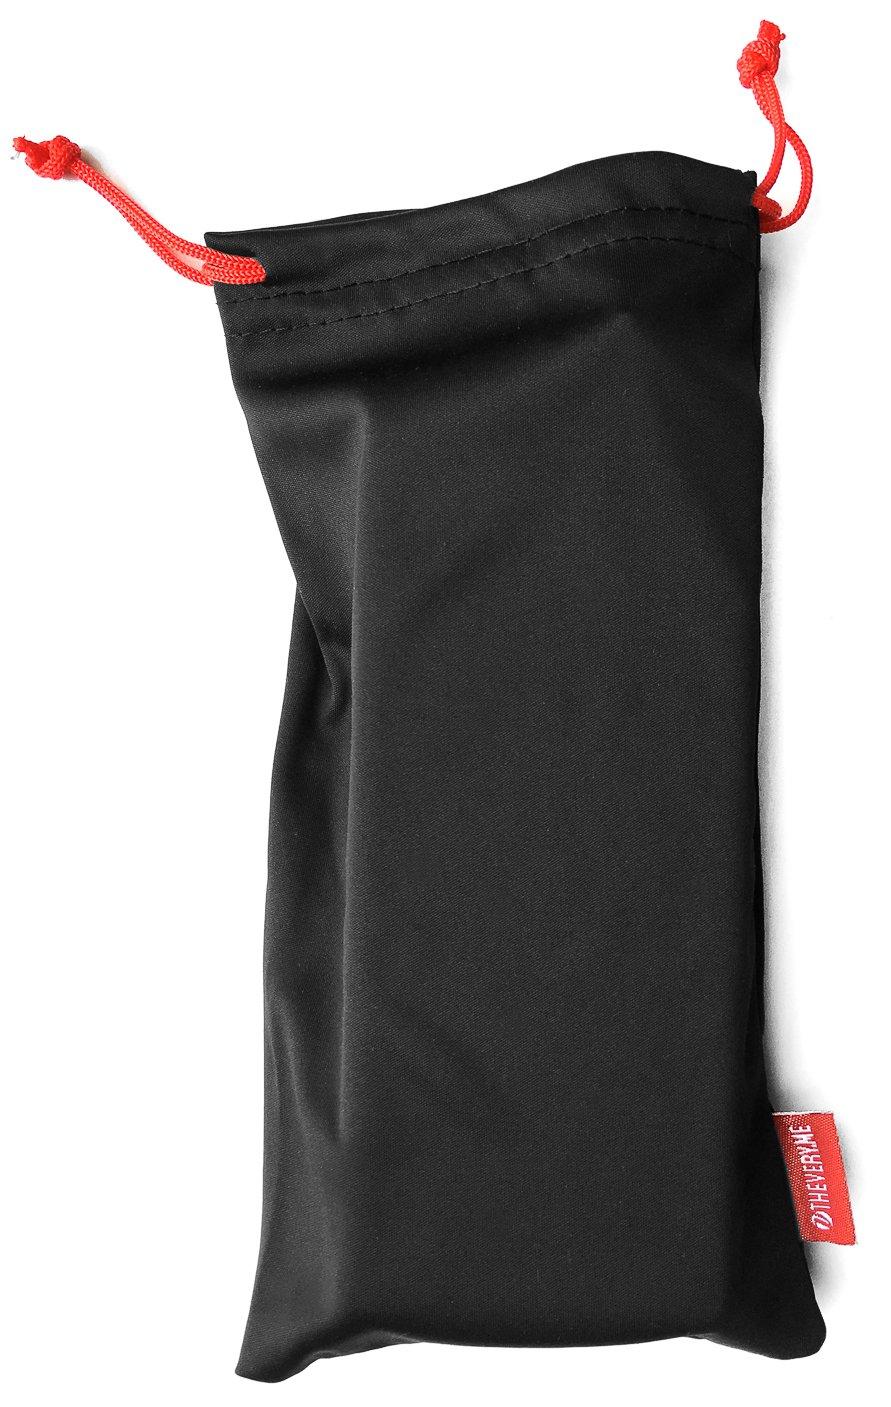 veryme Premium Microfaser Microfibre Beutel Sack Etui Case Tasche Hülle Pouch für Schmuck Brille Handy Smartphone Stifte Kosmetik Netzgerät Kamera Accessoires Zubehör in Schwarz microfaser_sch_rot_11_23-fba